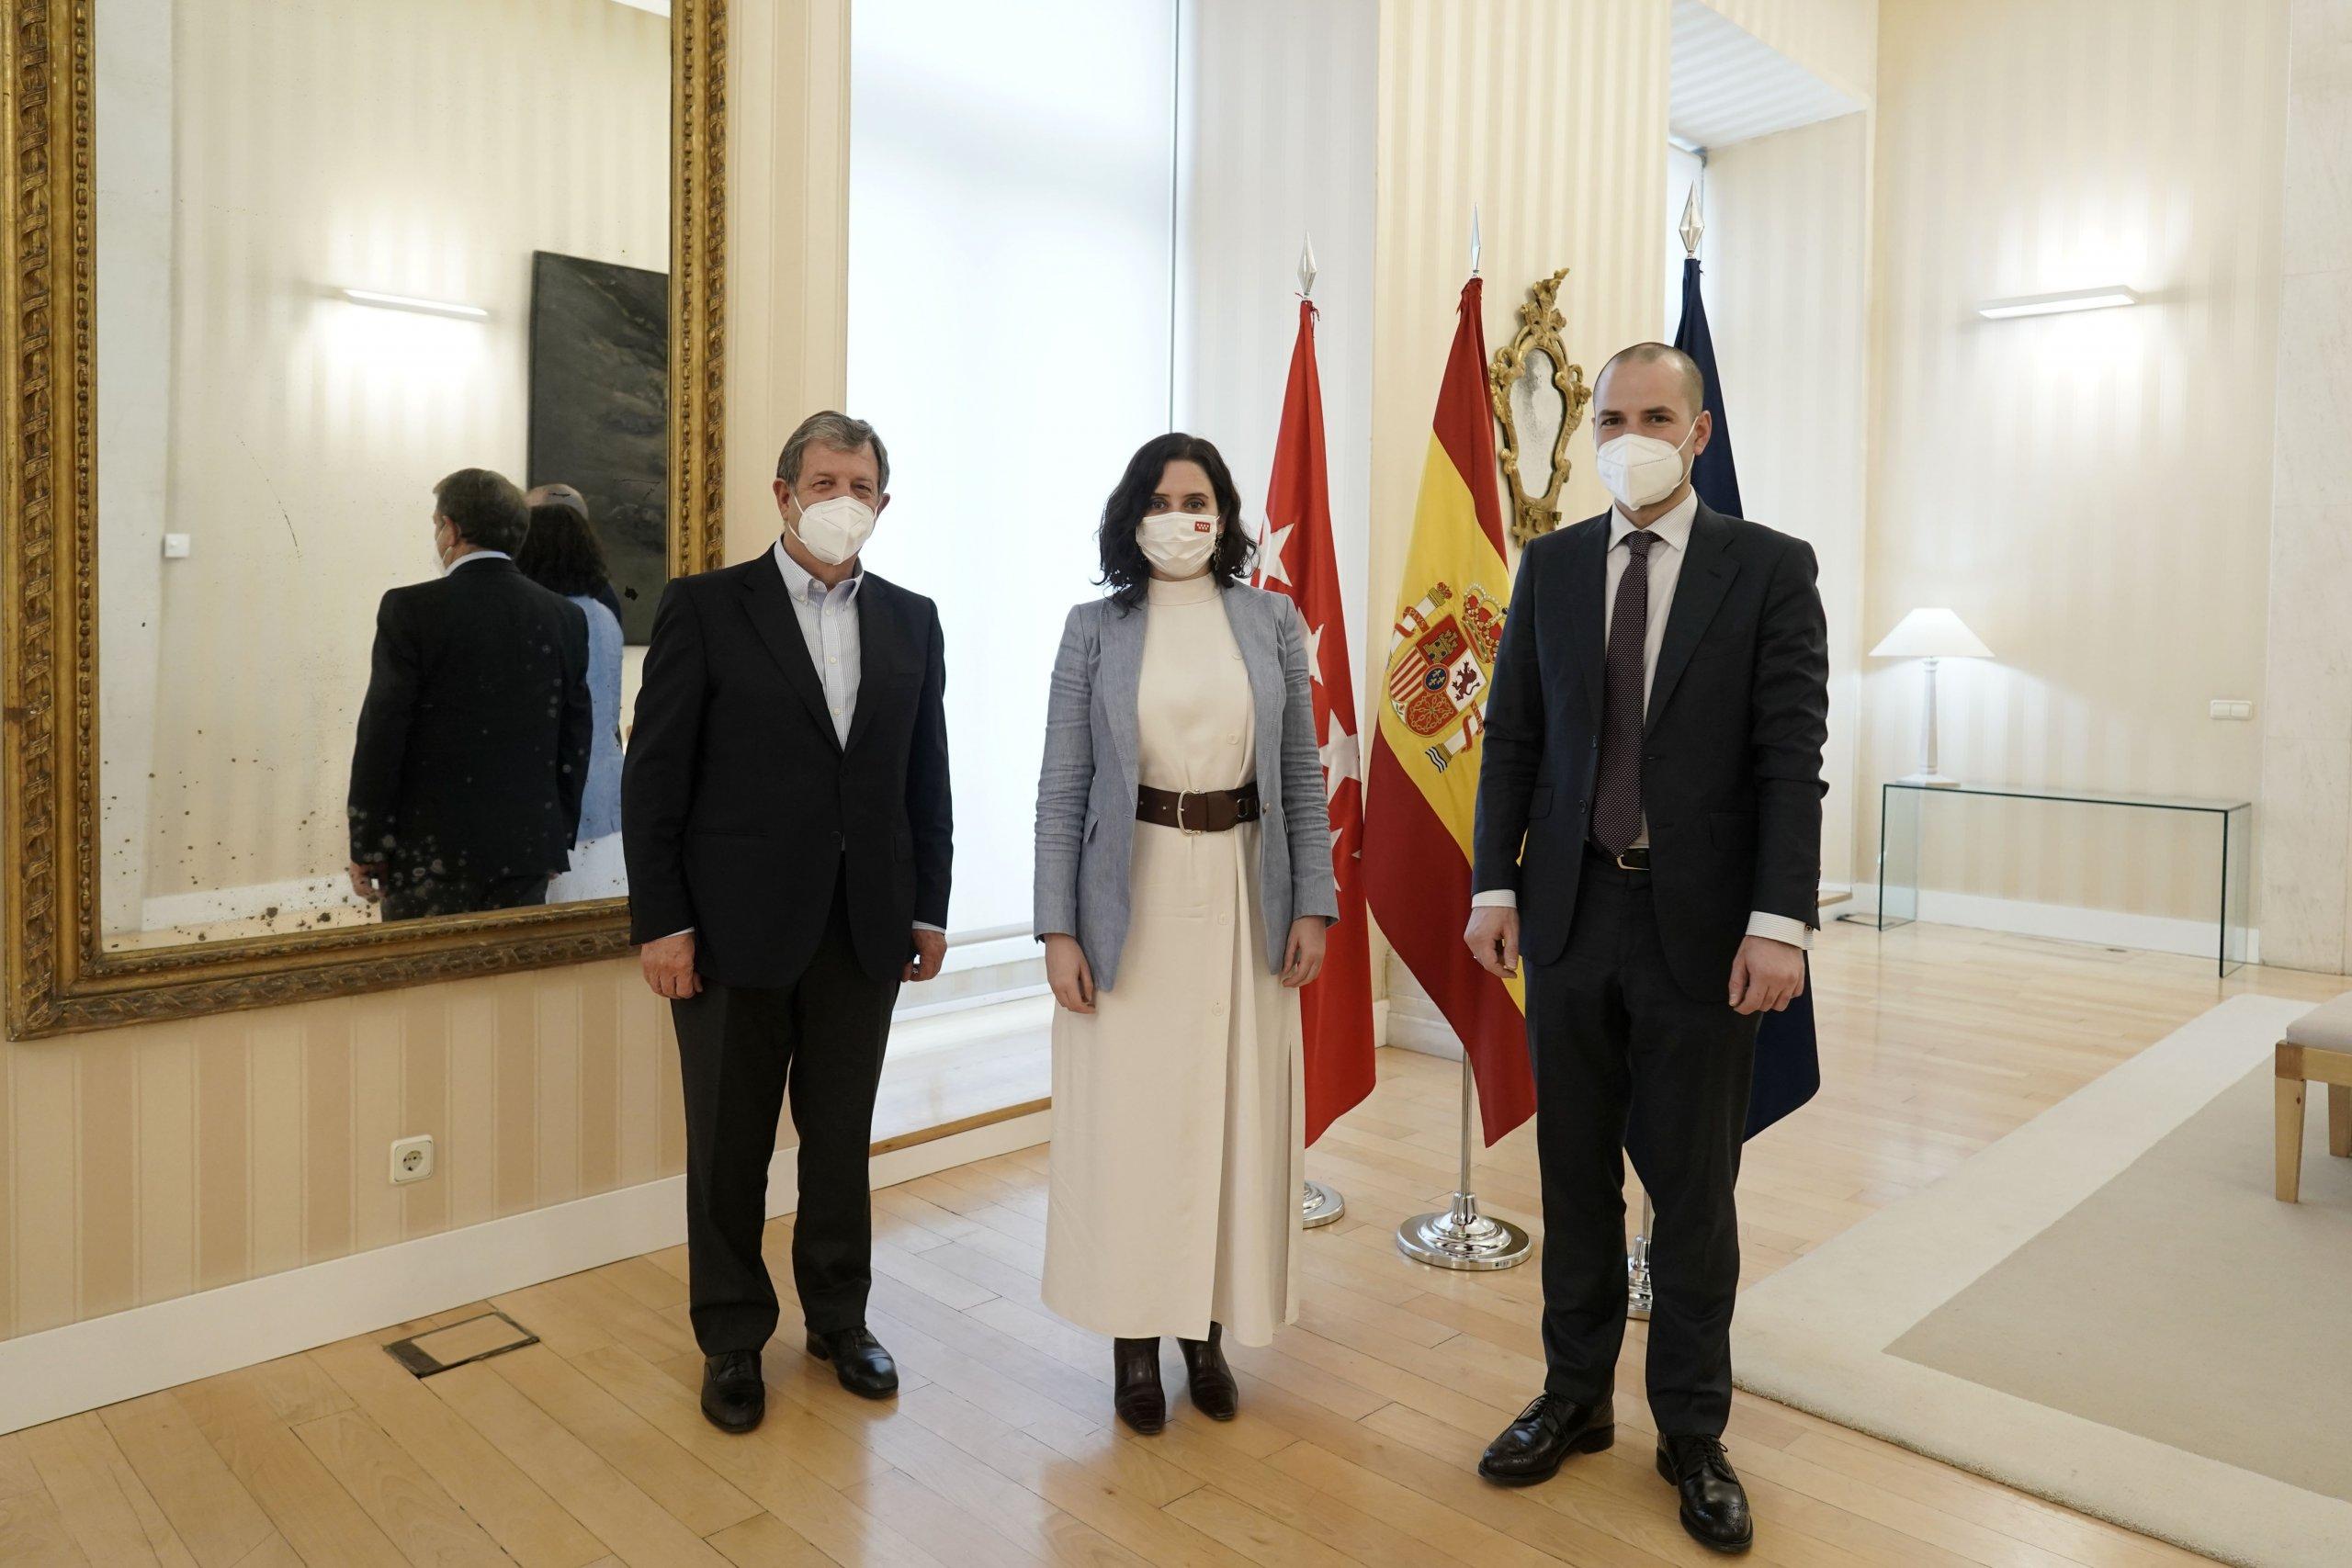 Imagen de la presidenta con los dos alcaldes.